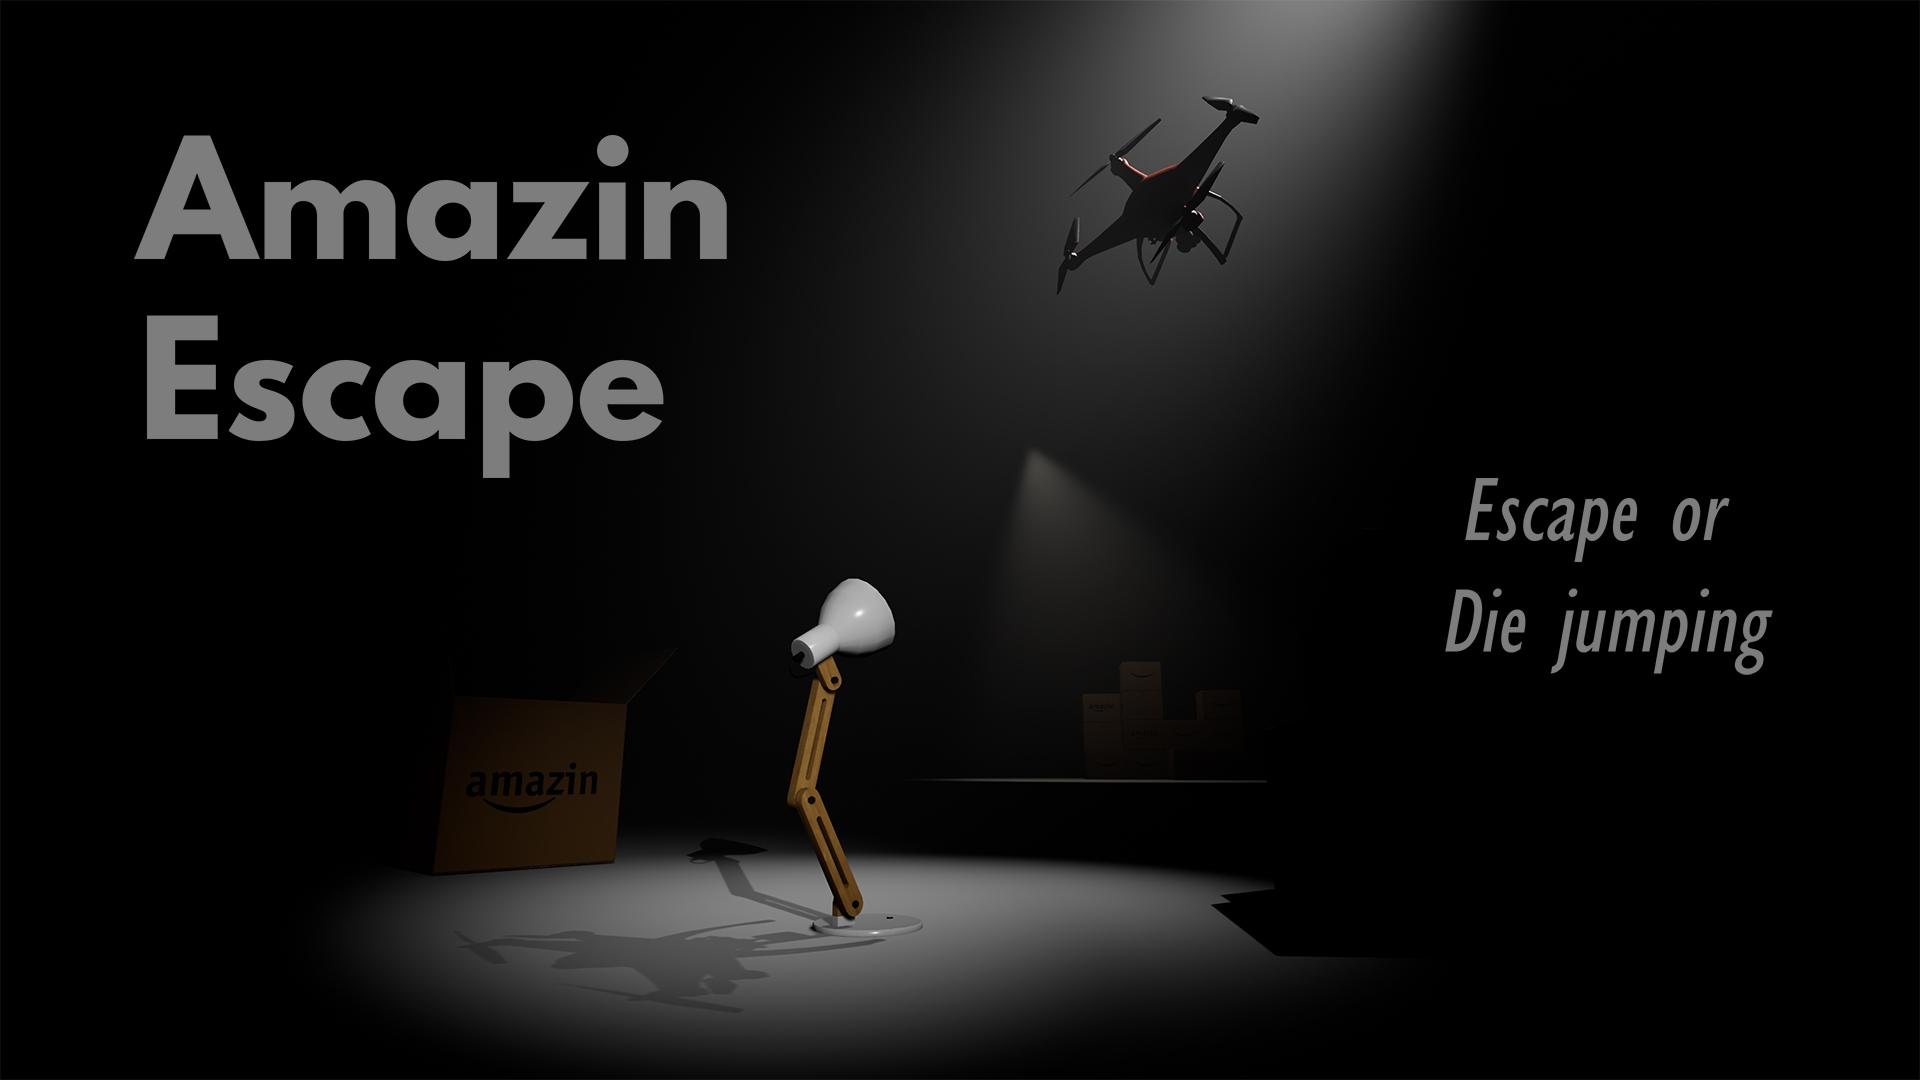 Amazin Escape